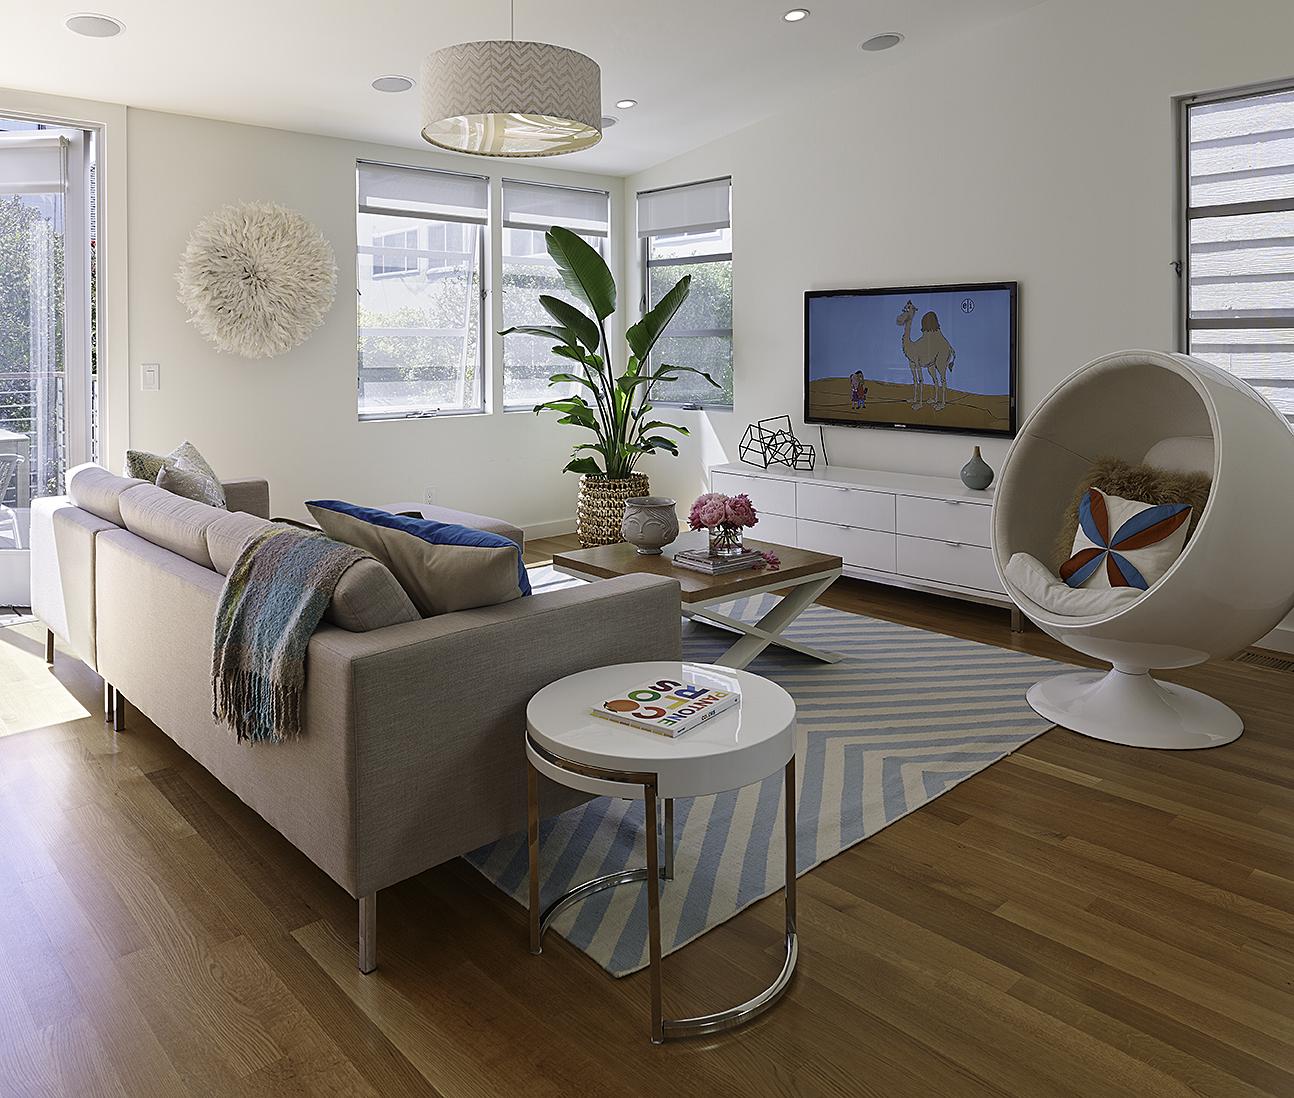 Кресло-шар в интерьере гостиной